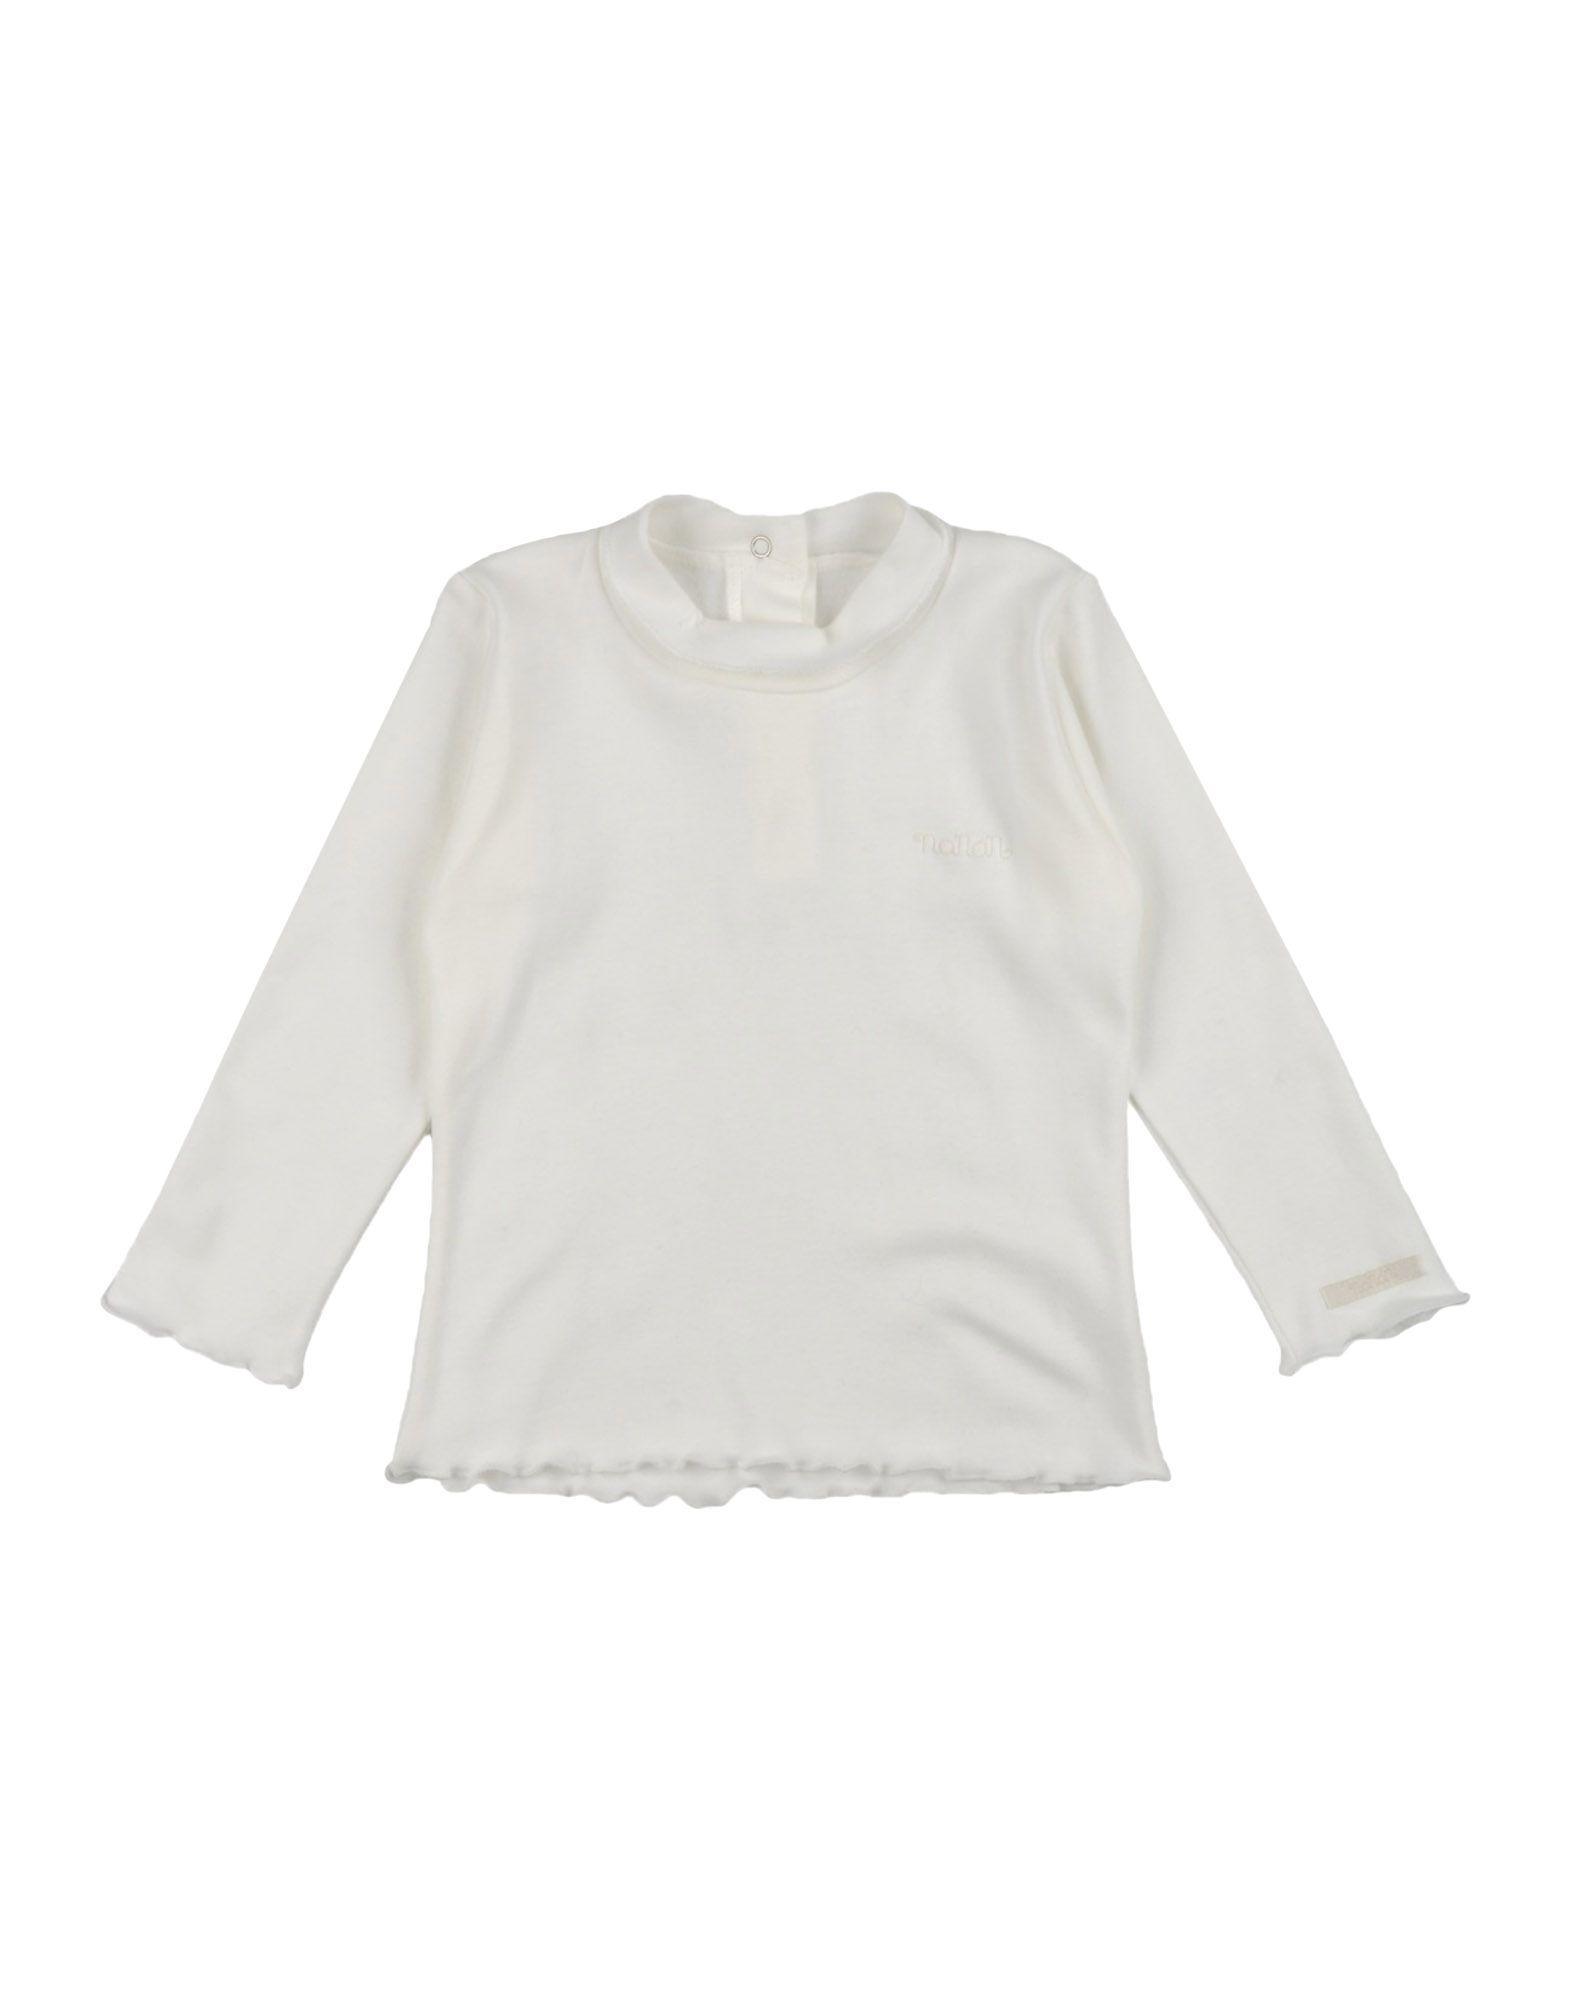 NANÁN Mädchen 0-24 monate T-shirts Farbe Weiß Größe 4